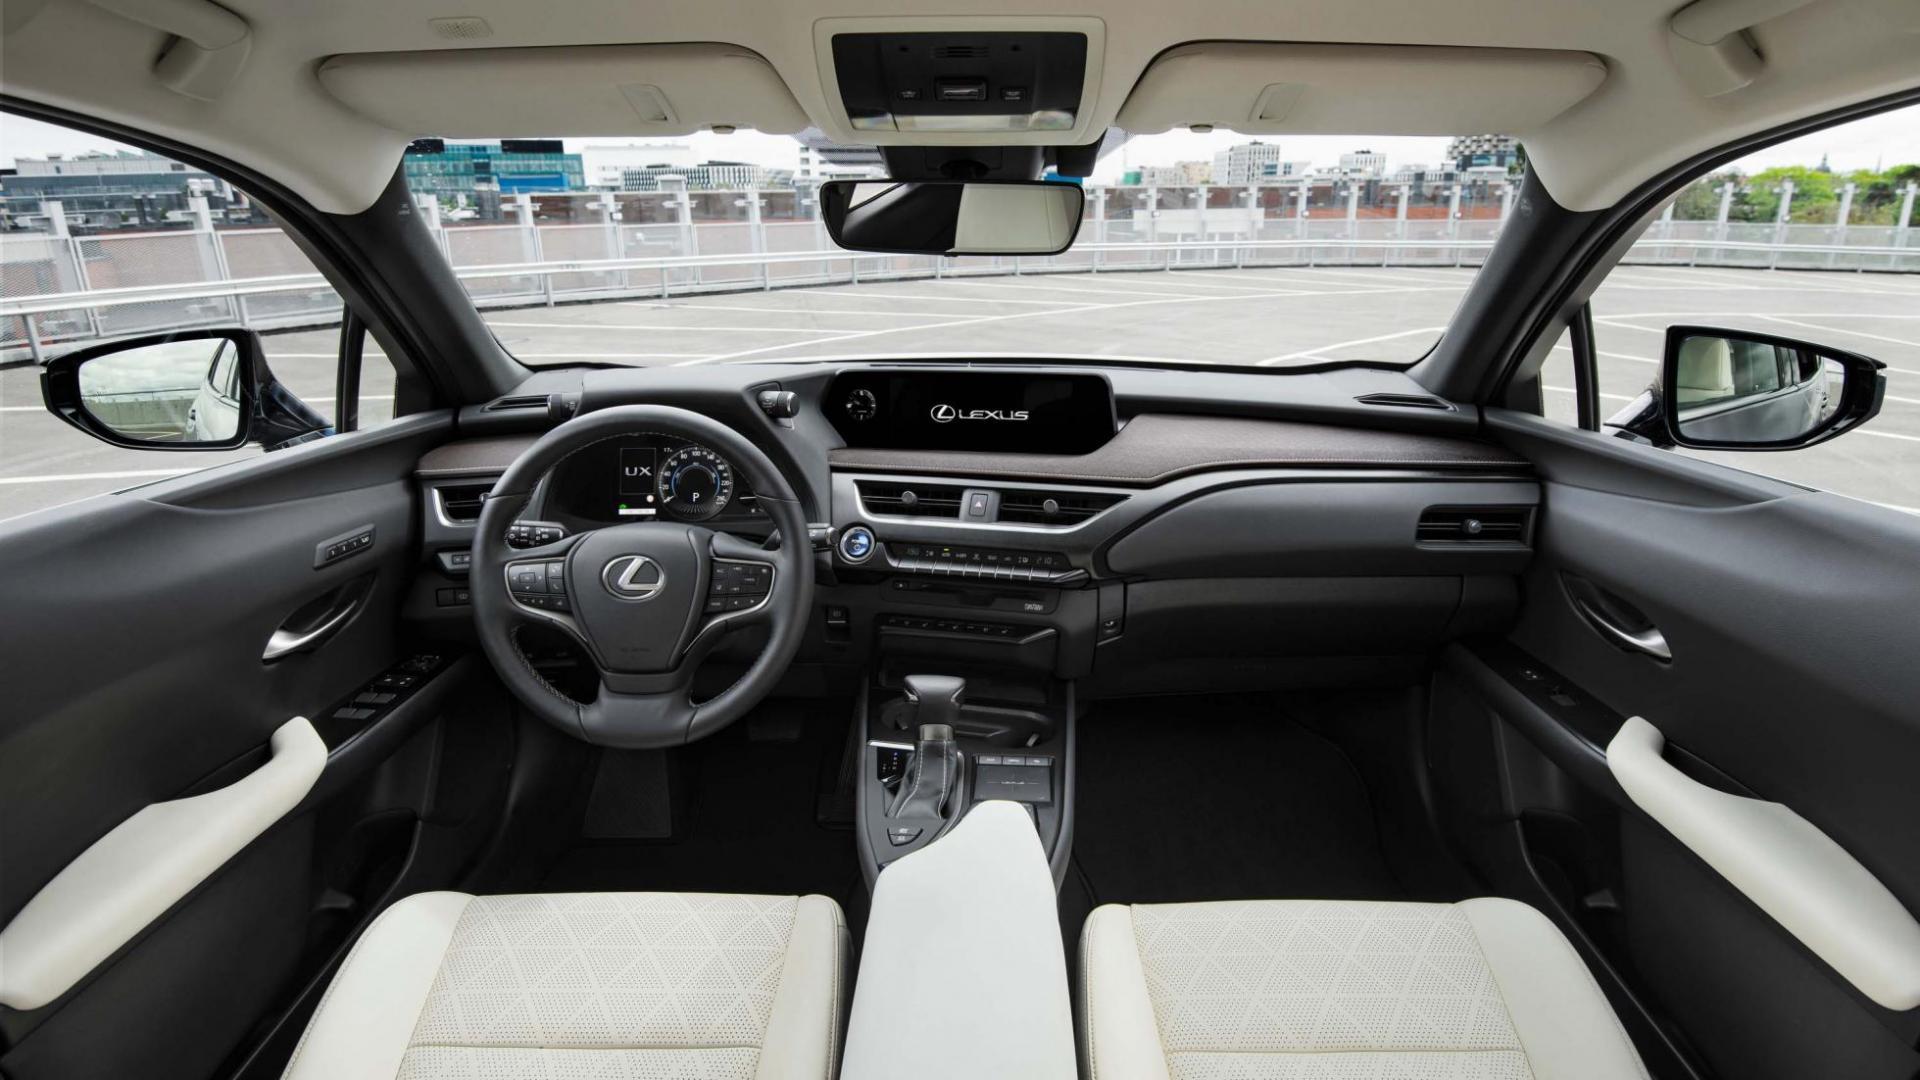 Lexus UX 250h interieur 1e rij-indruk